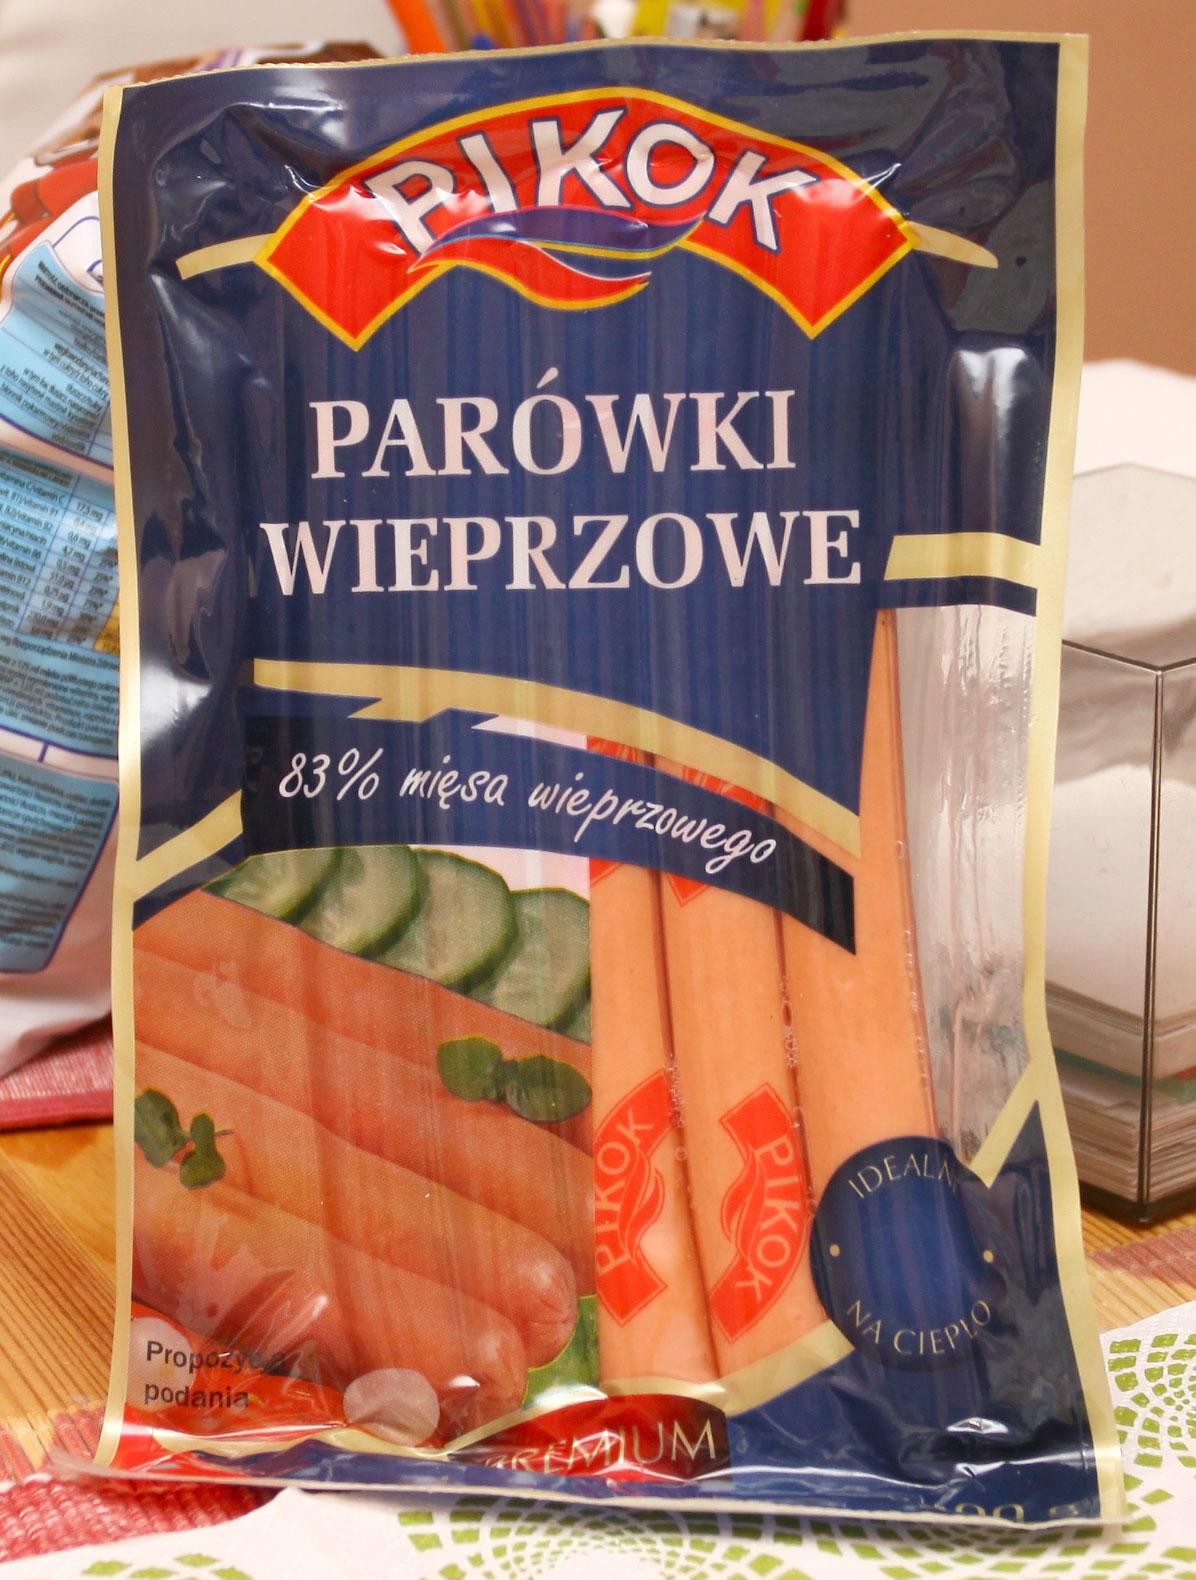 http://www.bangla.pl/zdjecia/lidl-parowki-wieprzowe-pikok-d5963_1_4528.jpg